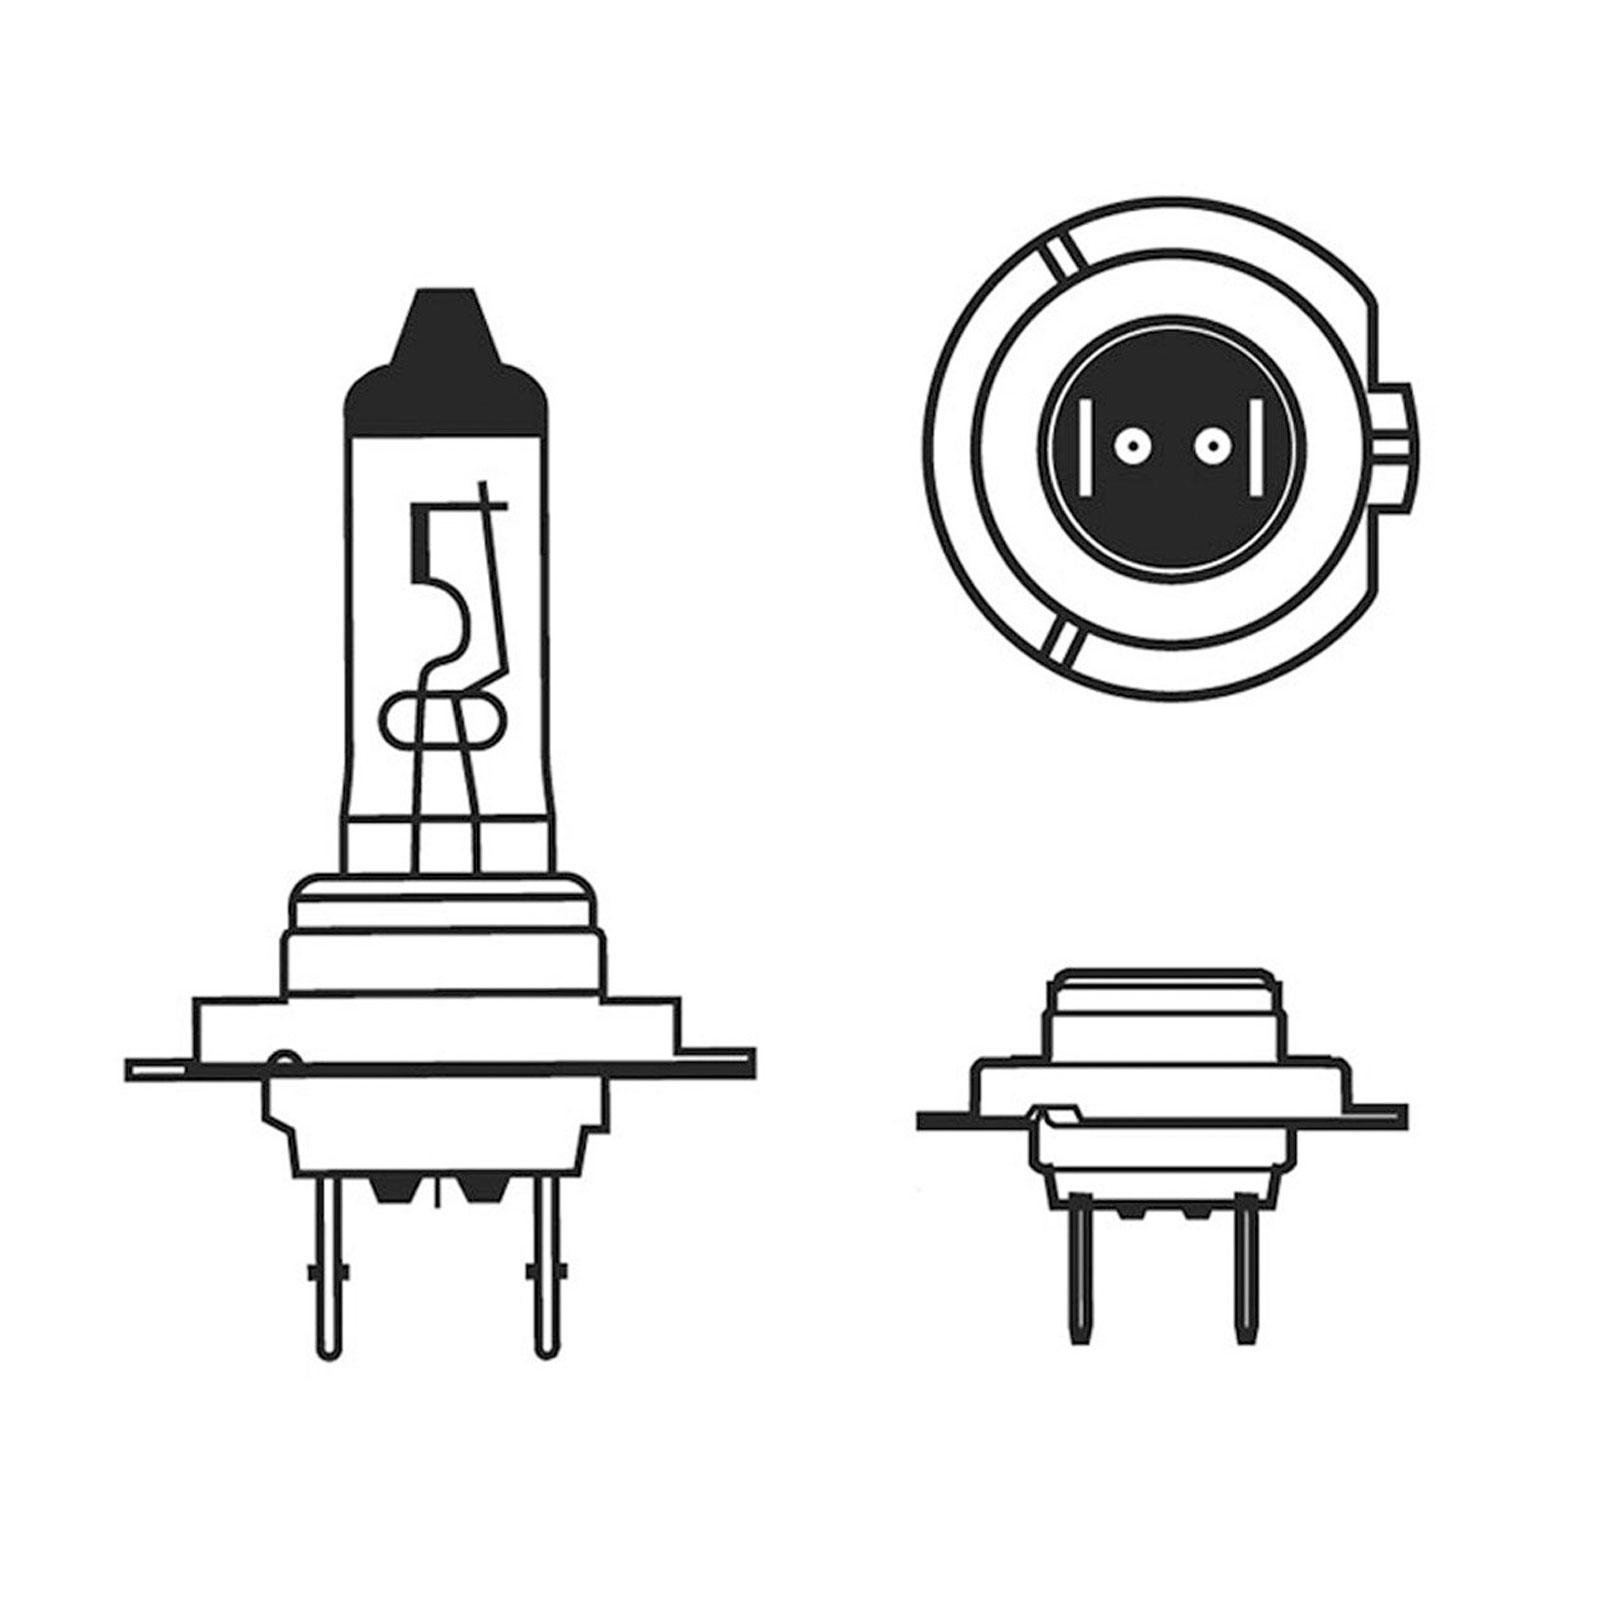 2x H7 Xenon Bulbs 100w 12v White To Fit Headlight Saab 9 3